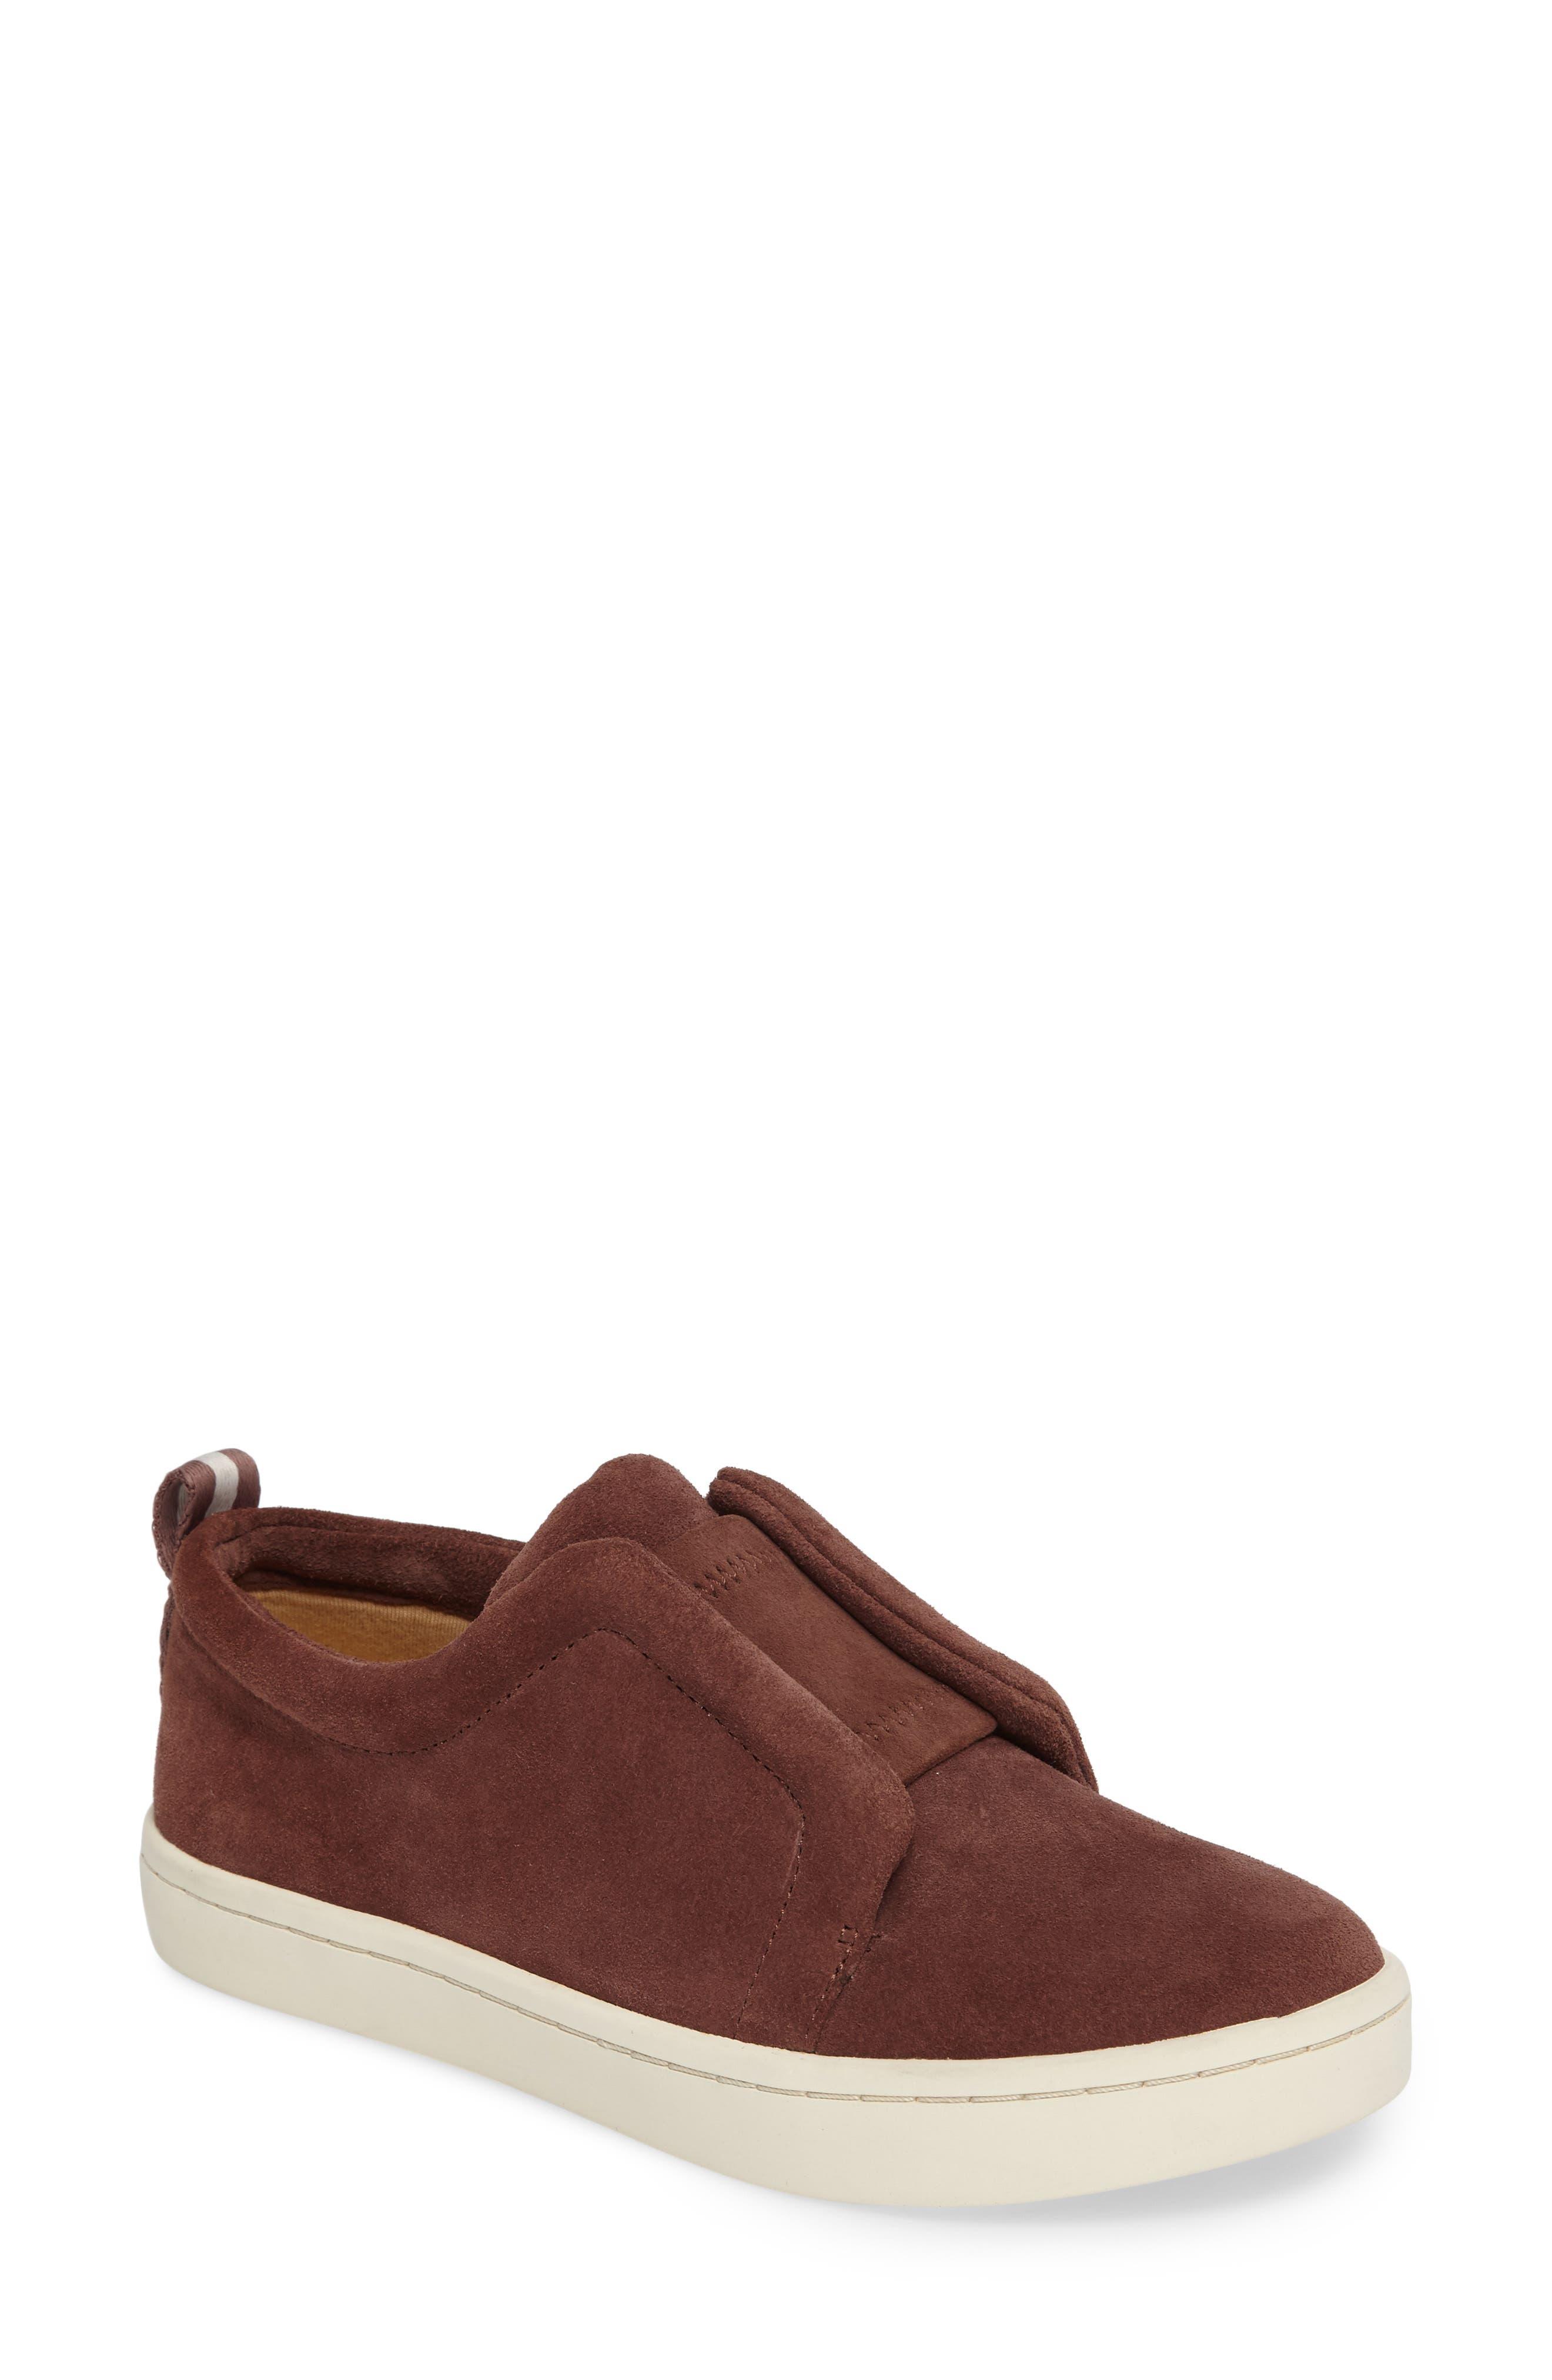 Main Image - Splendid Dagny Slip-On Sneaker (Women)